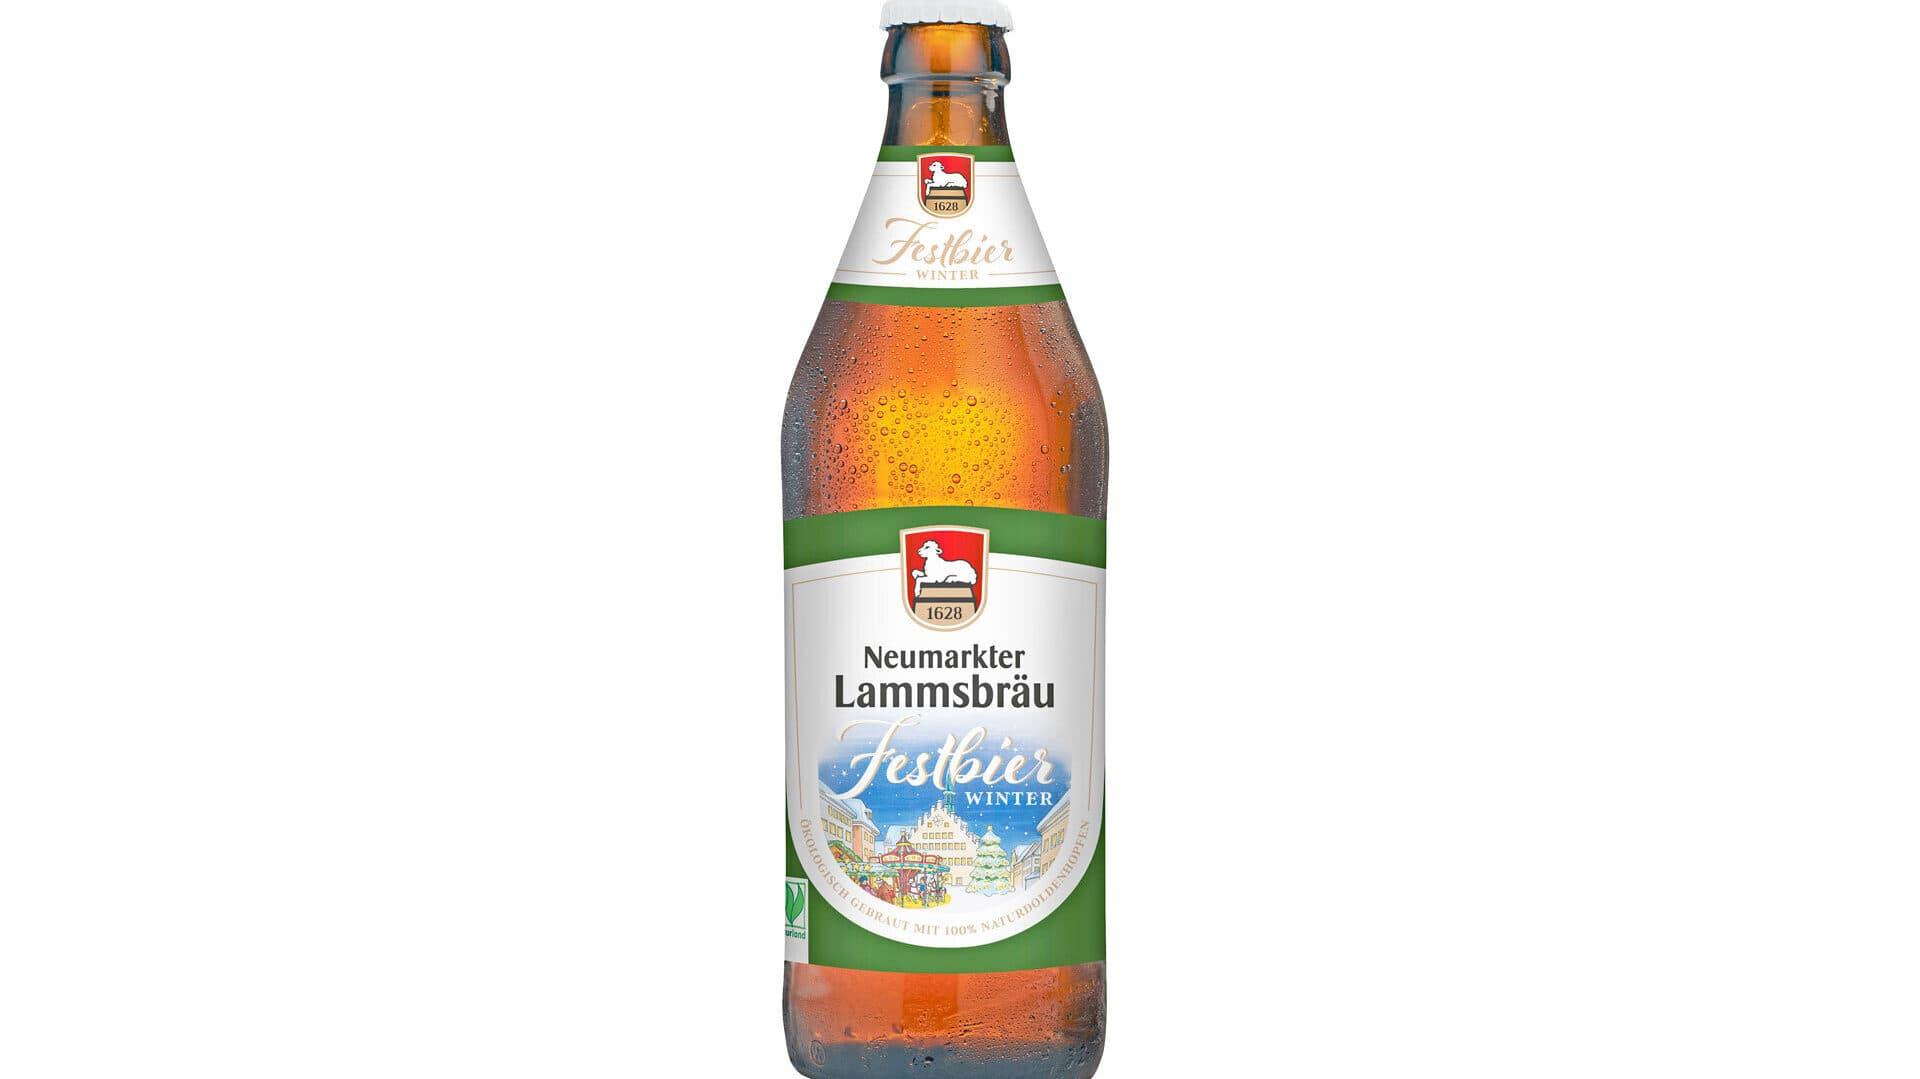 Festbier Winter von Neumarkter Lammsbräu